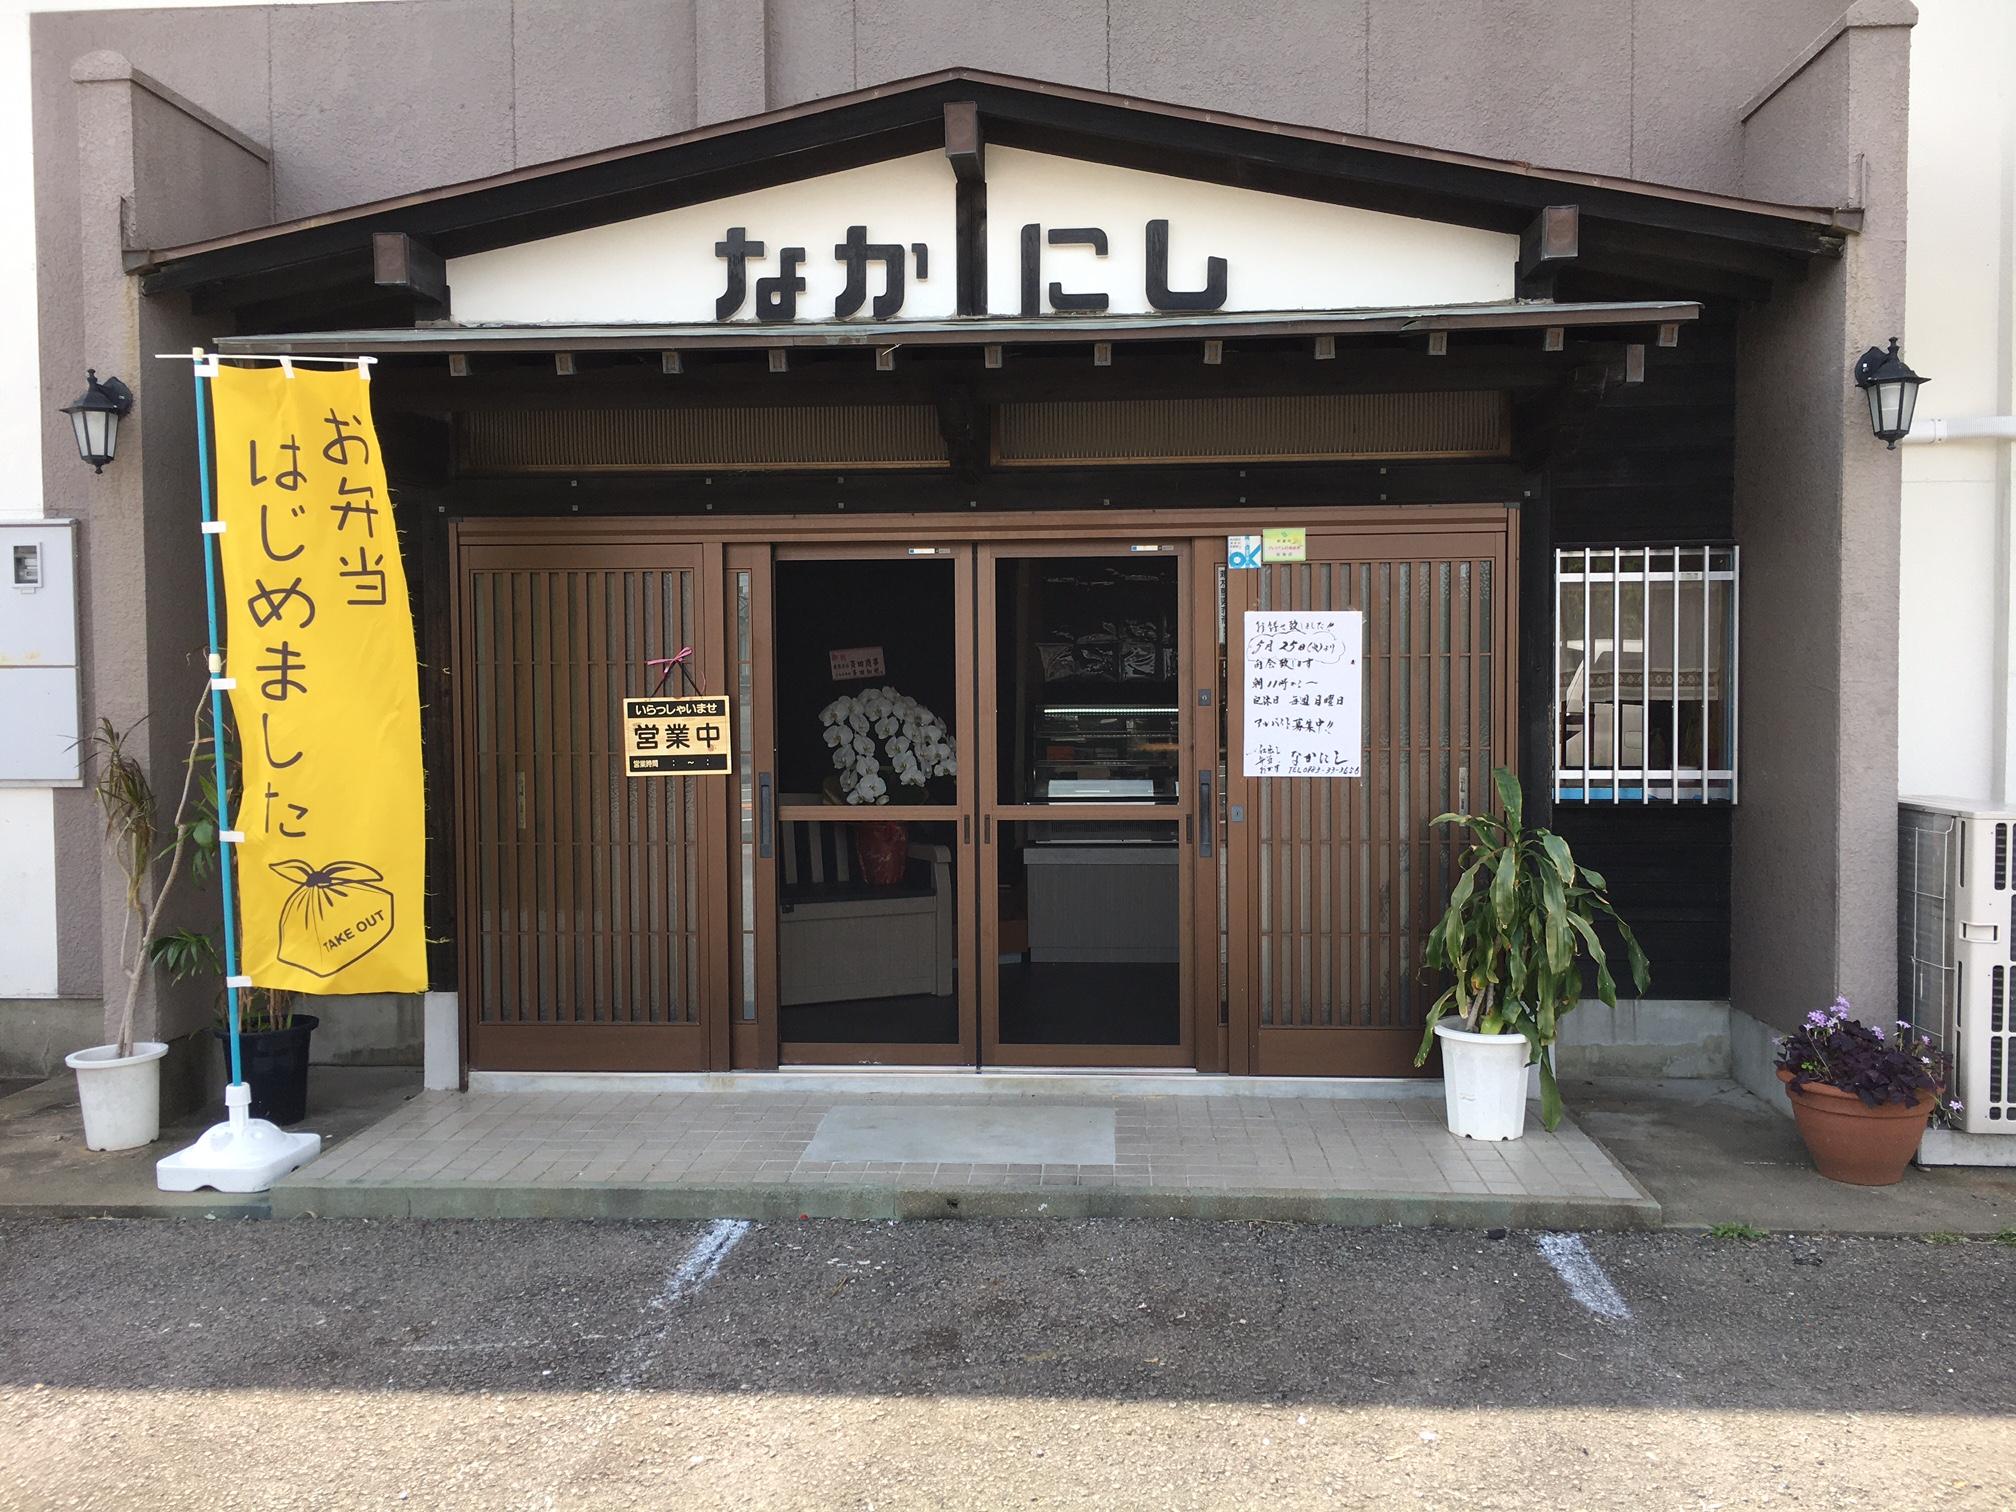 なかにし(ナカニシ)